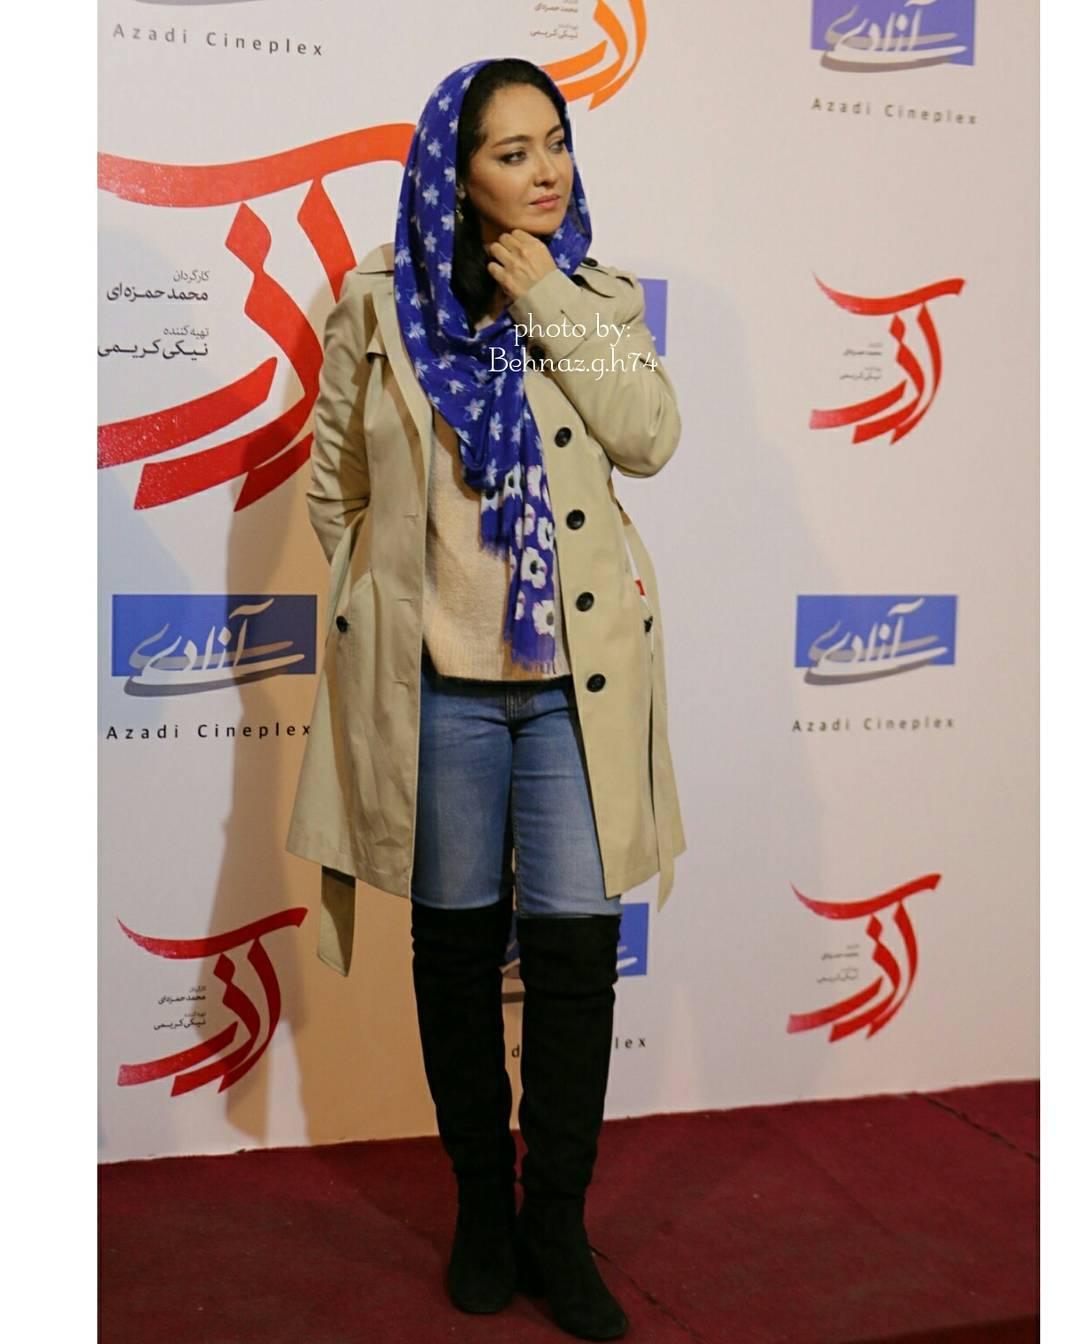 عکس های نیکی کریمی در اکران فیلم آذر